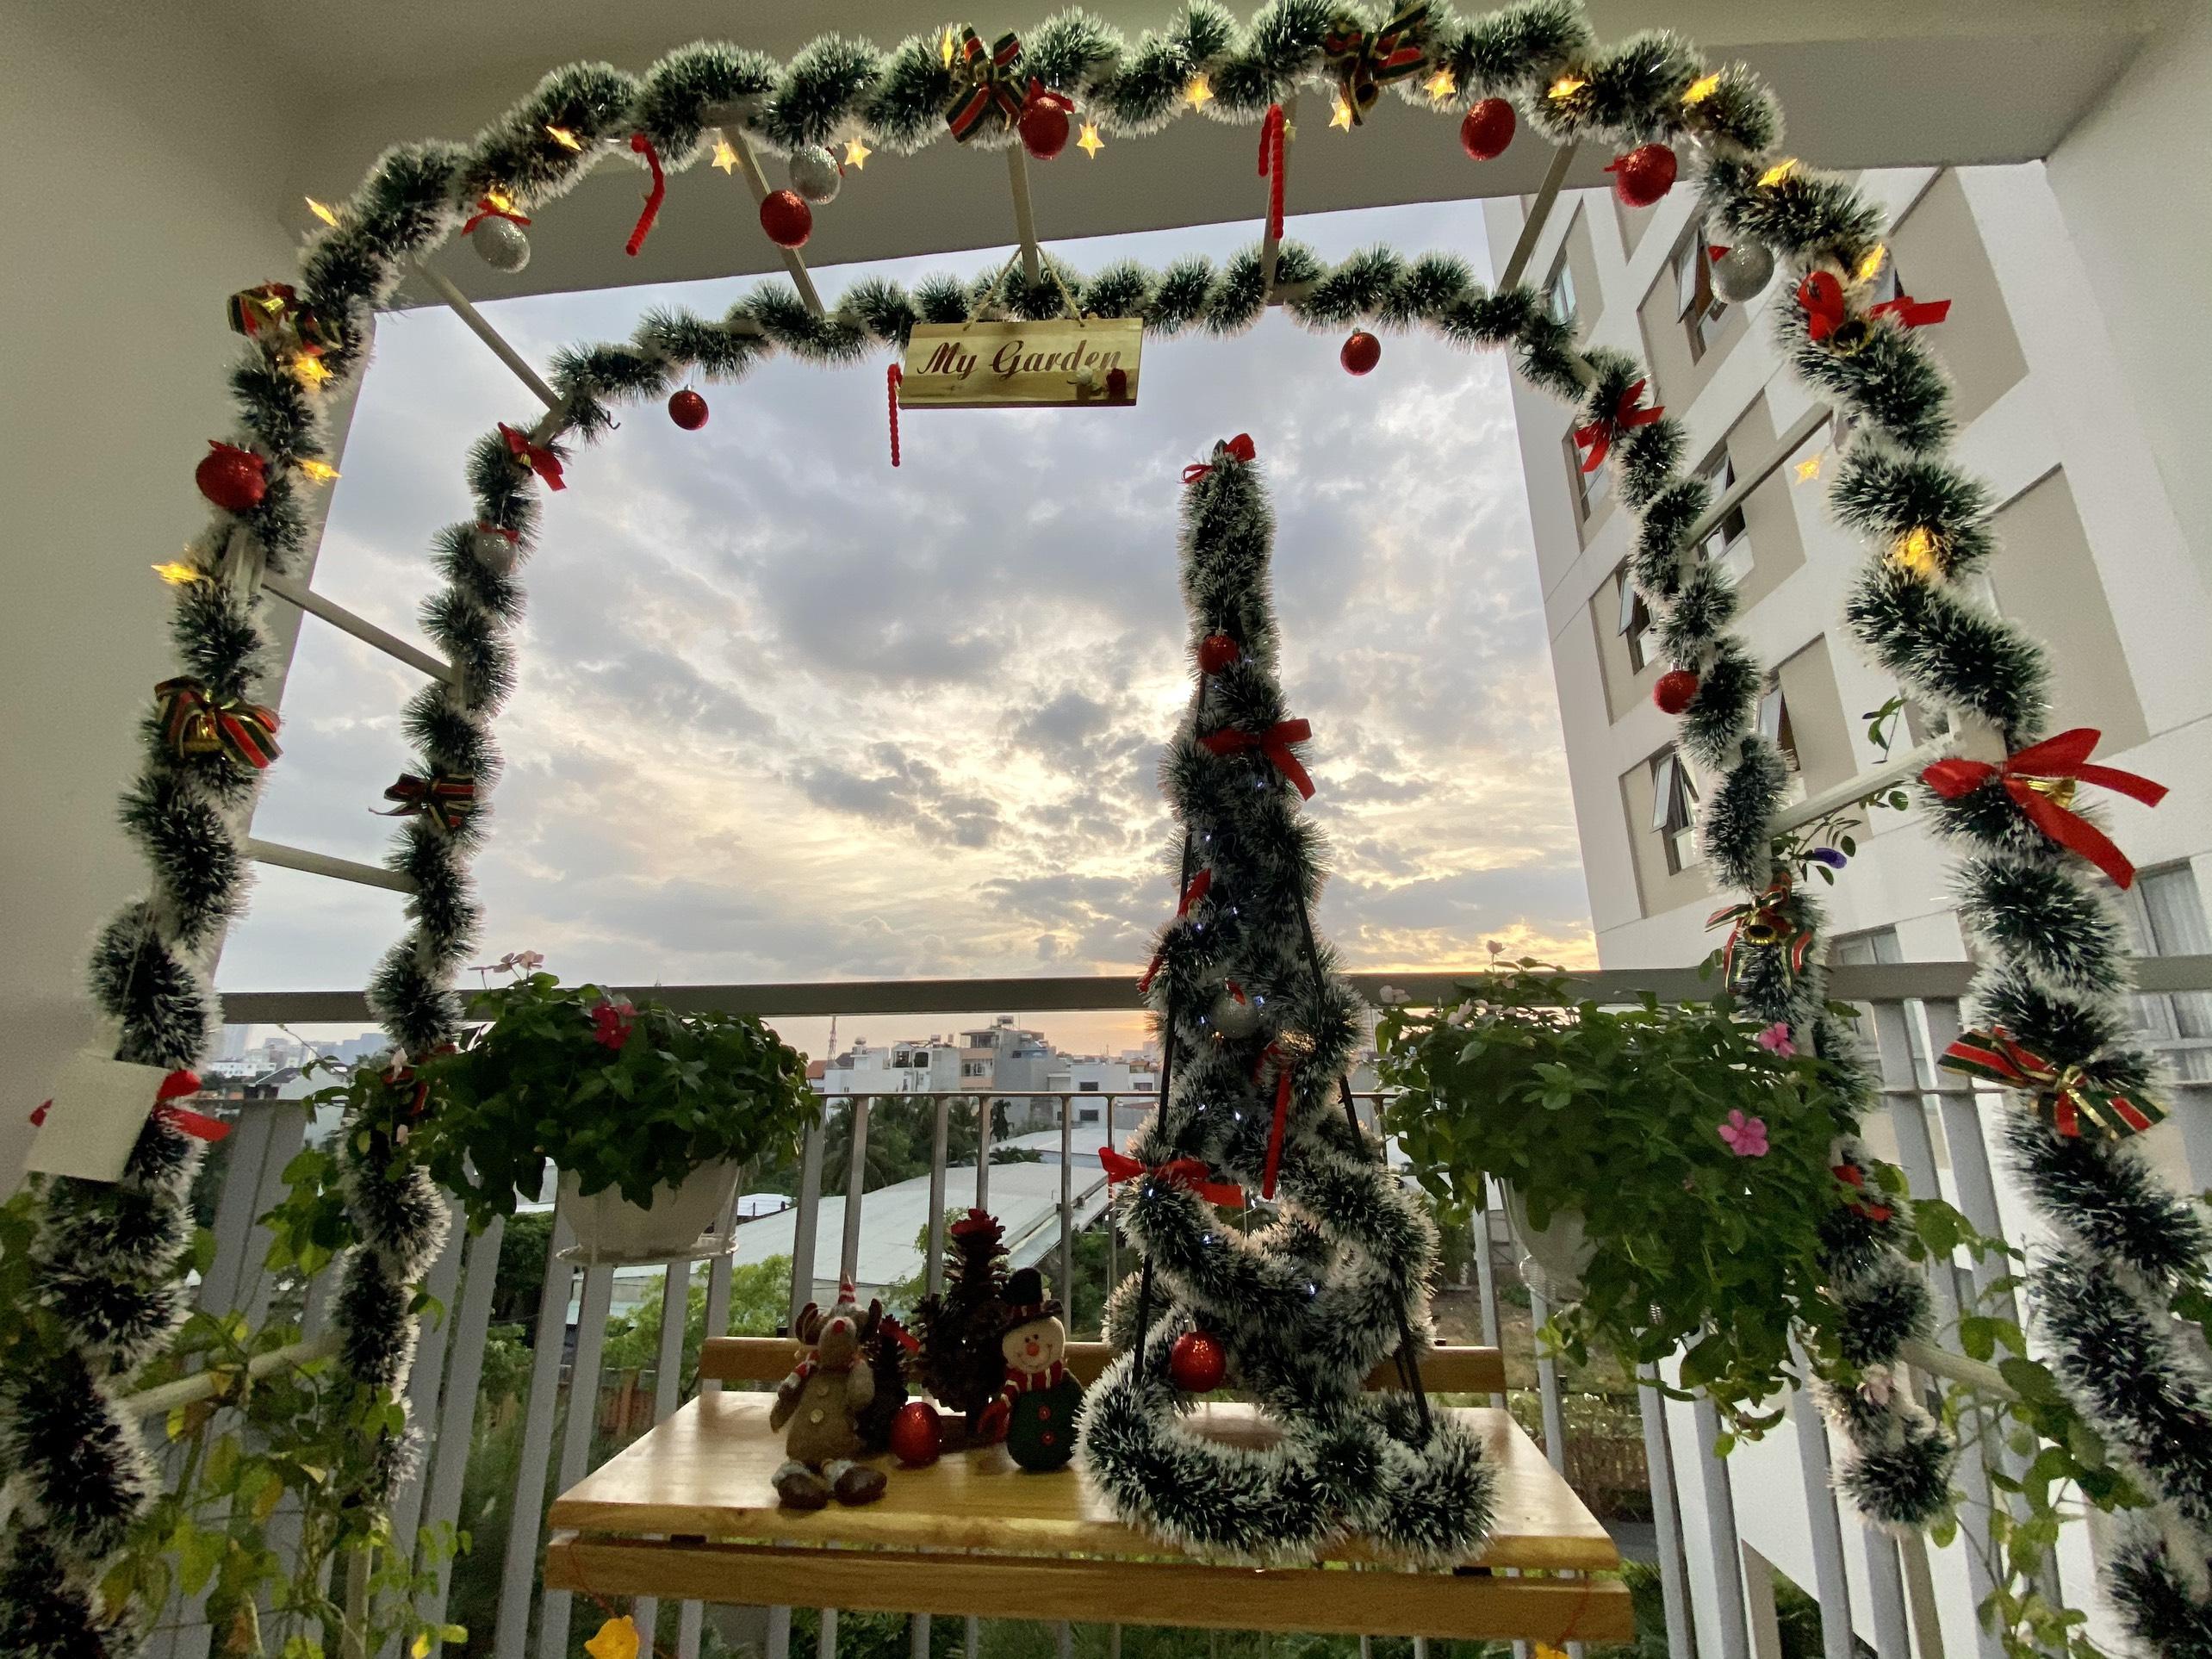 CONCEPT CỔNG HOA TRANG TRÍ NOEL - Dùng là cổng hoa hồng trang trí ban công, khung vòm giá đỡ hoa hồng leo